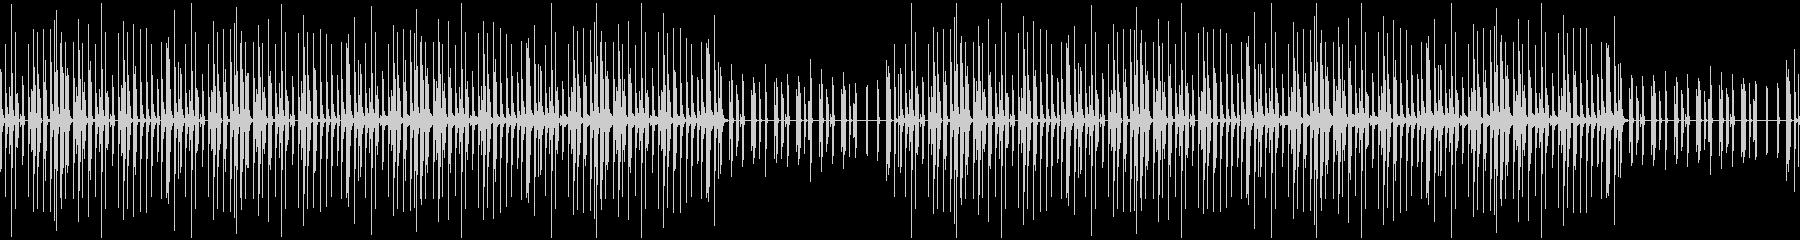 ホップしたくなるかわいい木琴BGMの未再生の波形